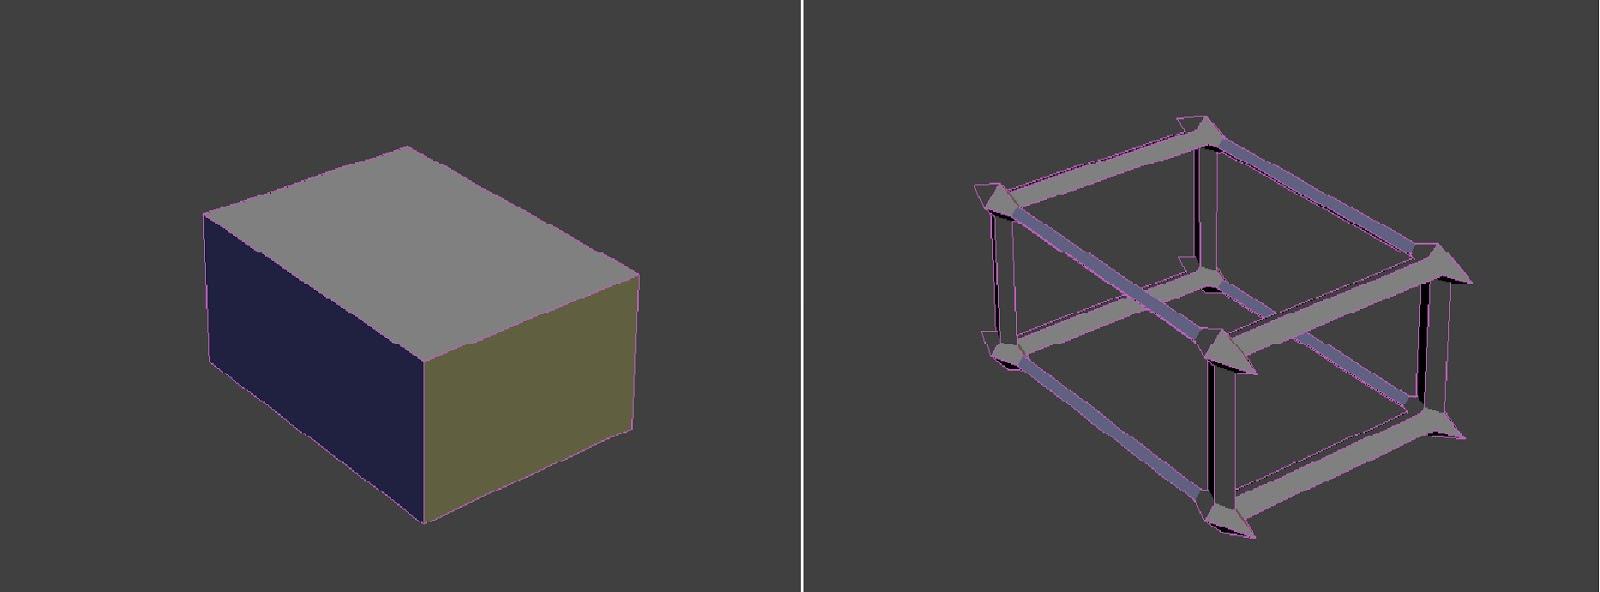 Уроки ds max Каталог статей Персональный сайт Модификатор lattice изменяет вид объекта создавая решетку из ребер Контрольный объект бокс и контрольный объект с применением модификатора apply to